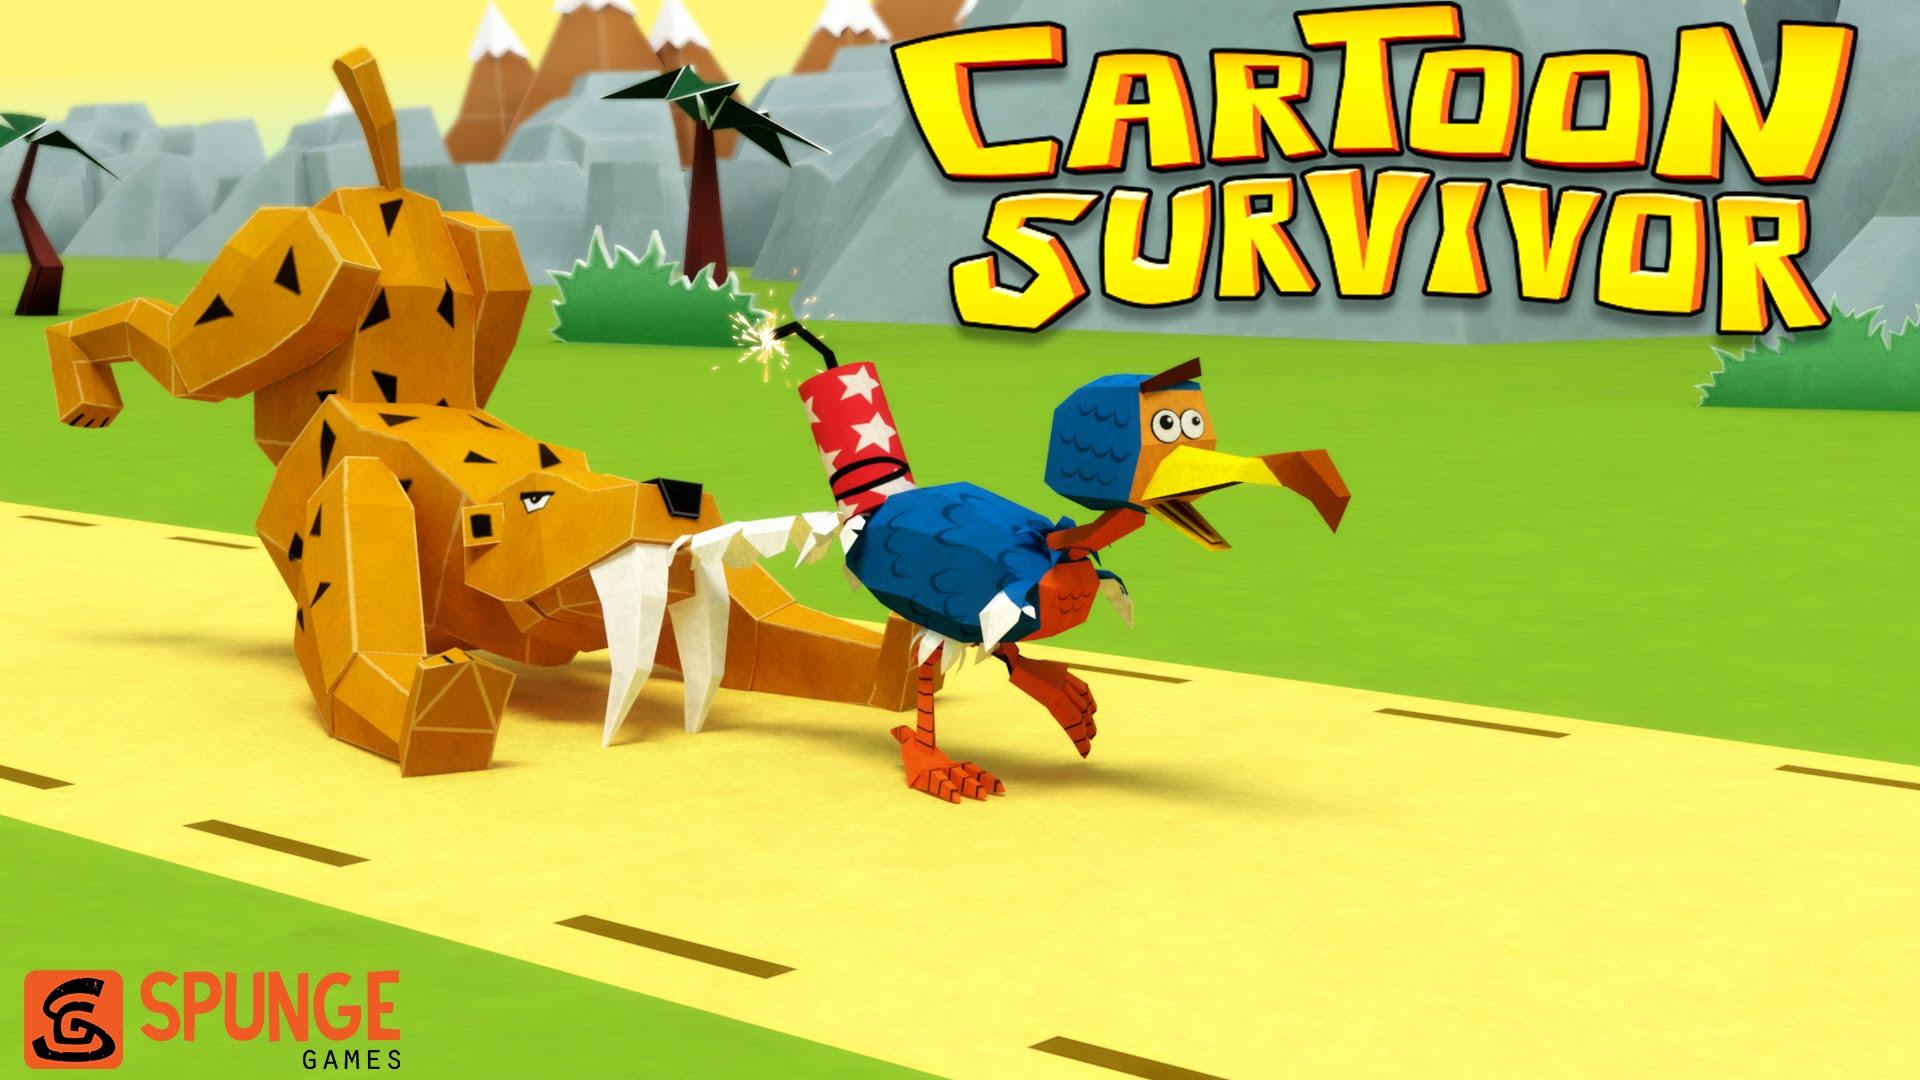 Cartoon-Survivor